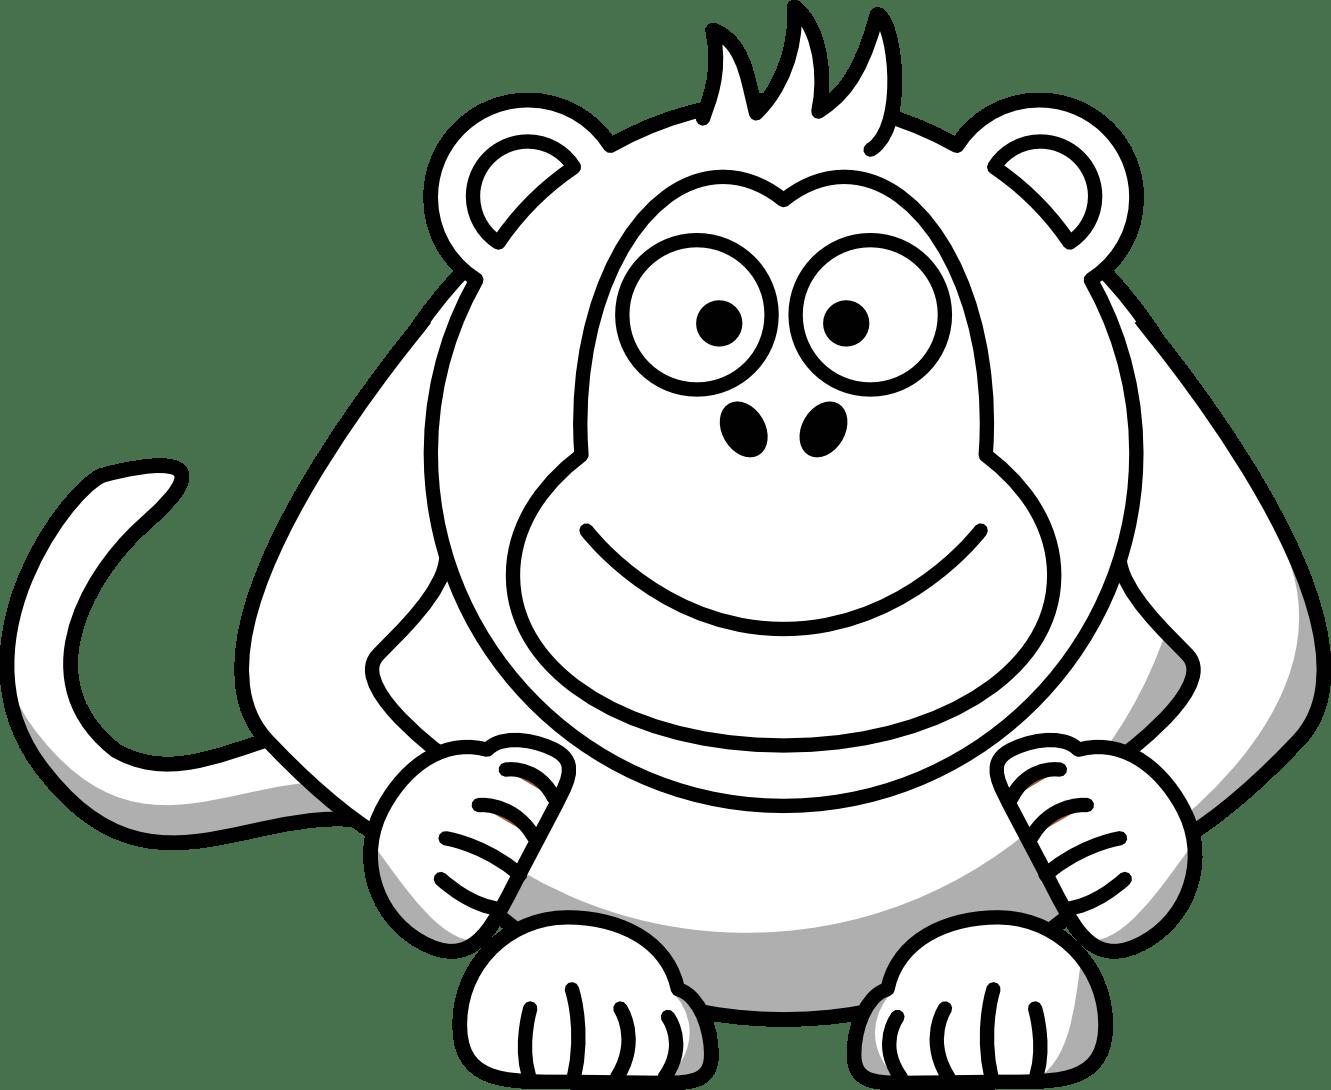 Gorilla Clipart Black And White